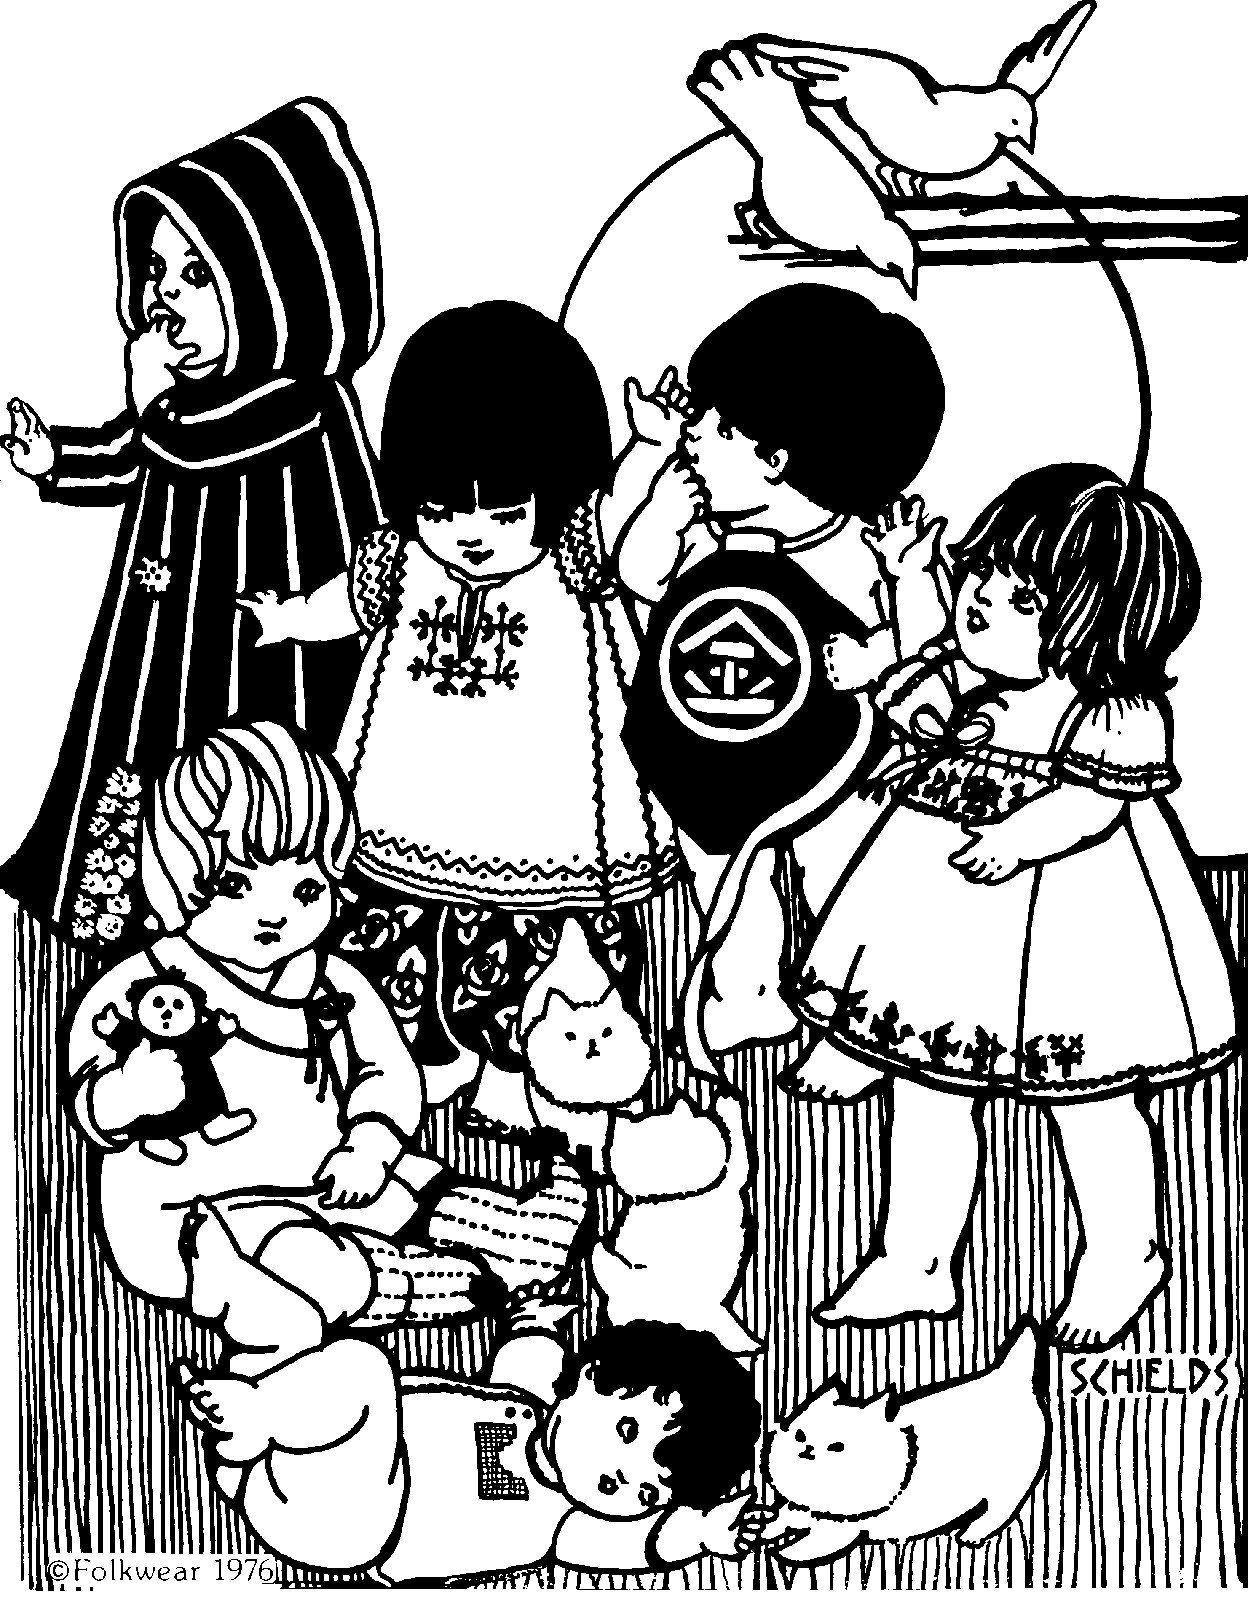 Folkwear #109 Little Folks International Traditional Sewing Pattern folkwear109 - $19.95